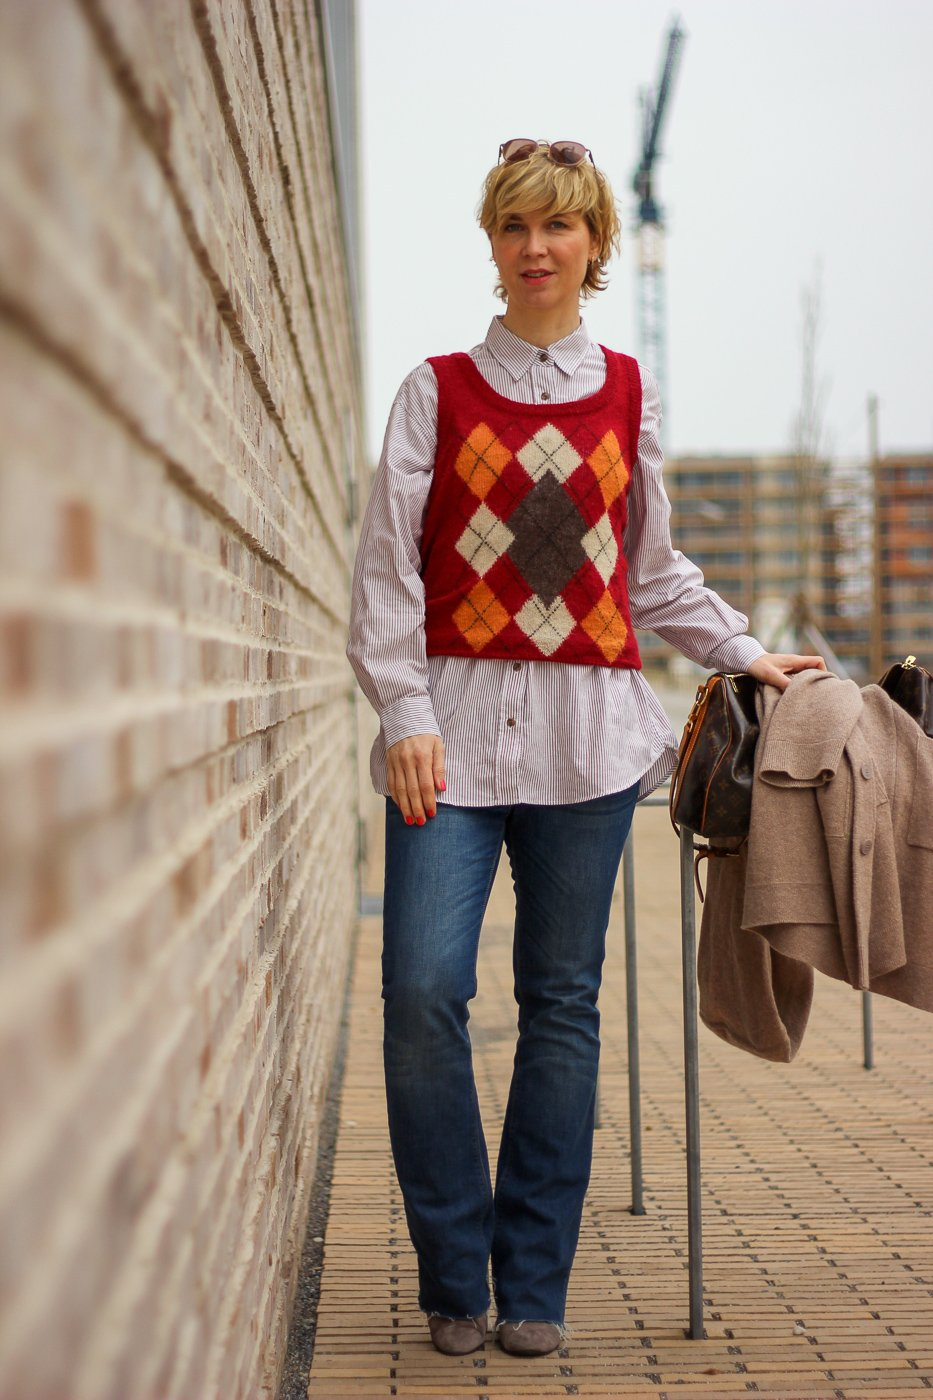 Mode ist ein schmutziges Geschäft - sind Modeblogs Teil des Problems?